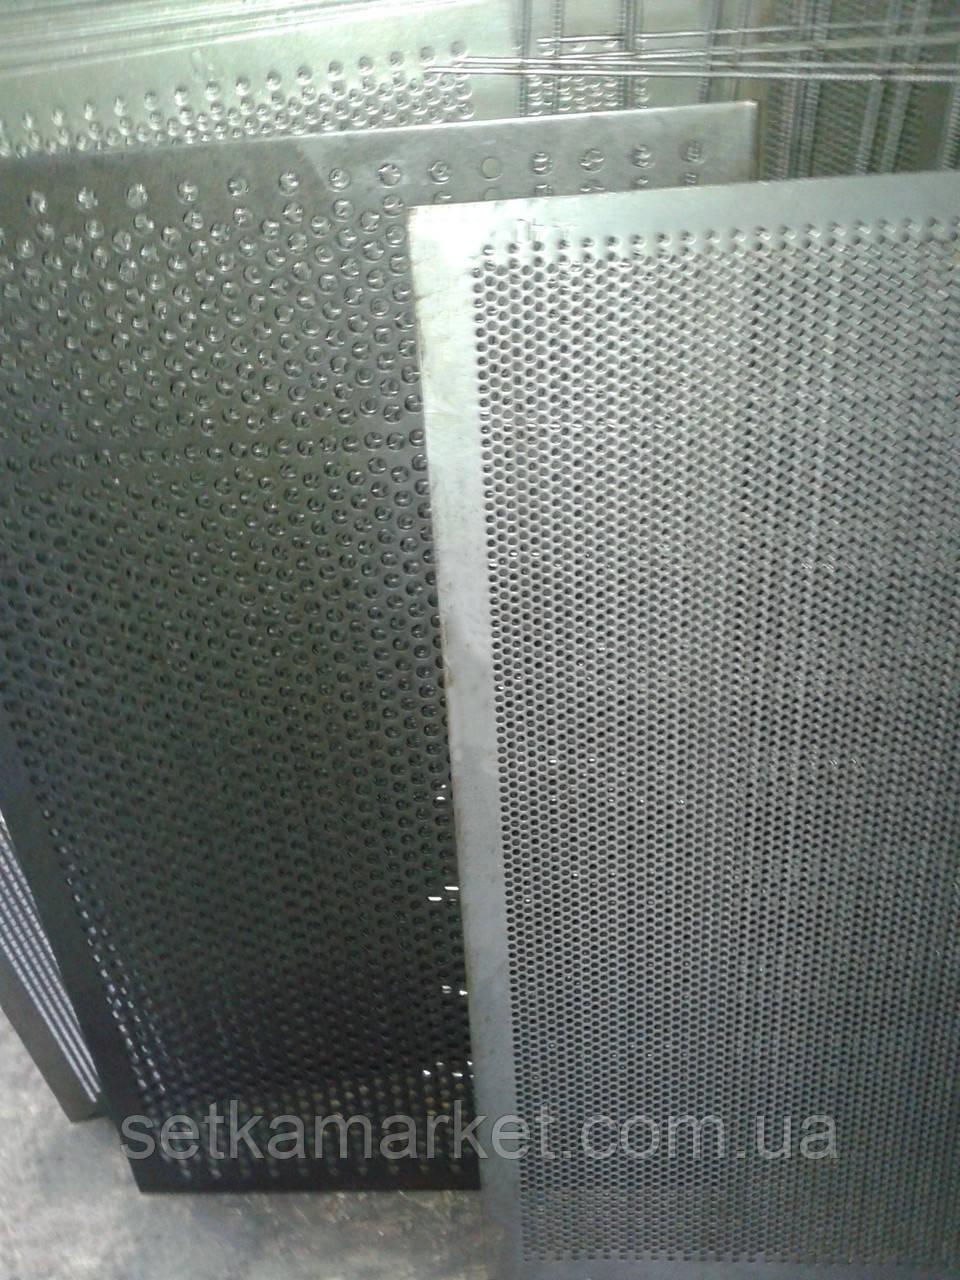 Решето ДДМ, клітинка 8 мм, товщина 3 мм, лист 500 х 1574 мм.